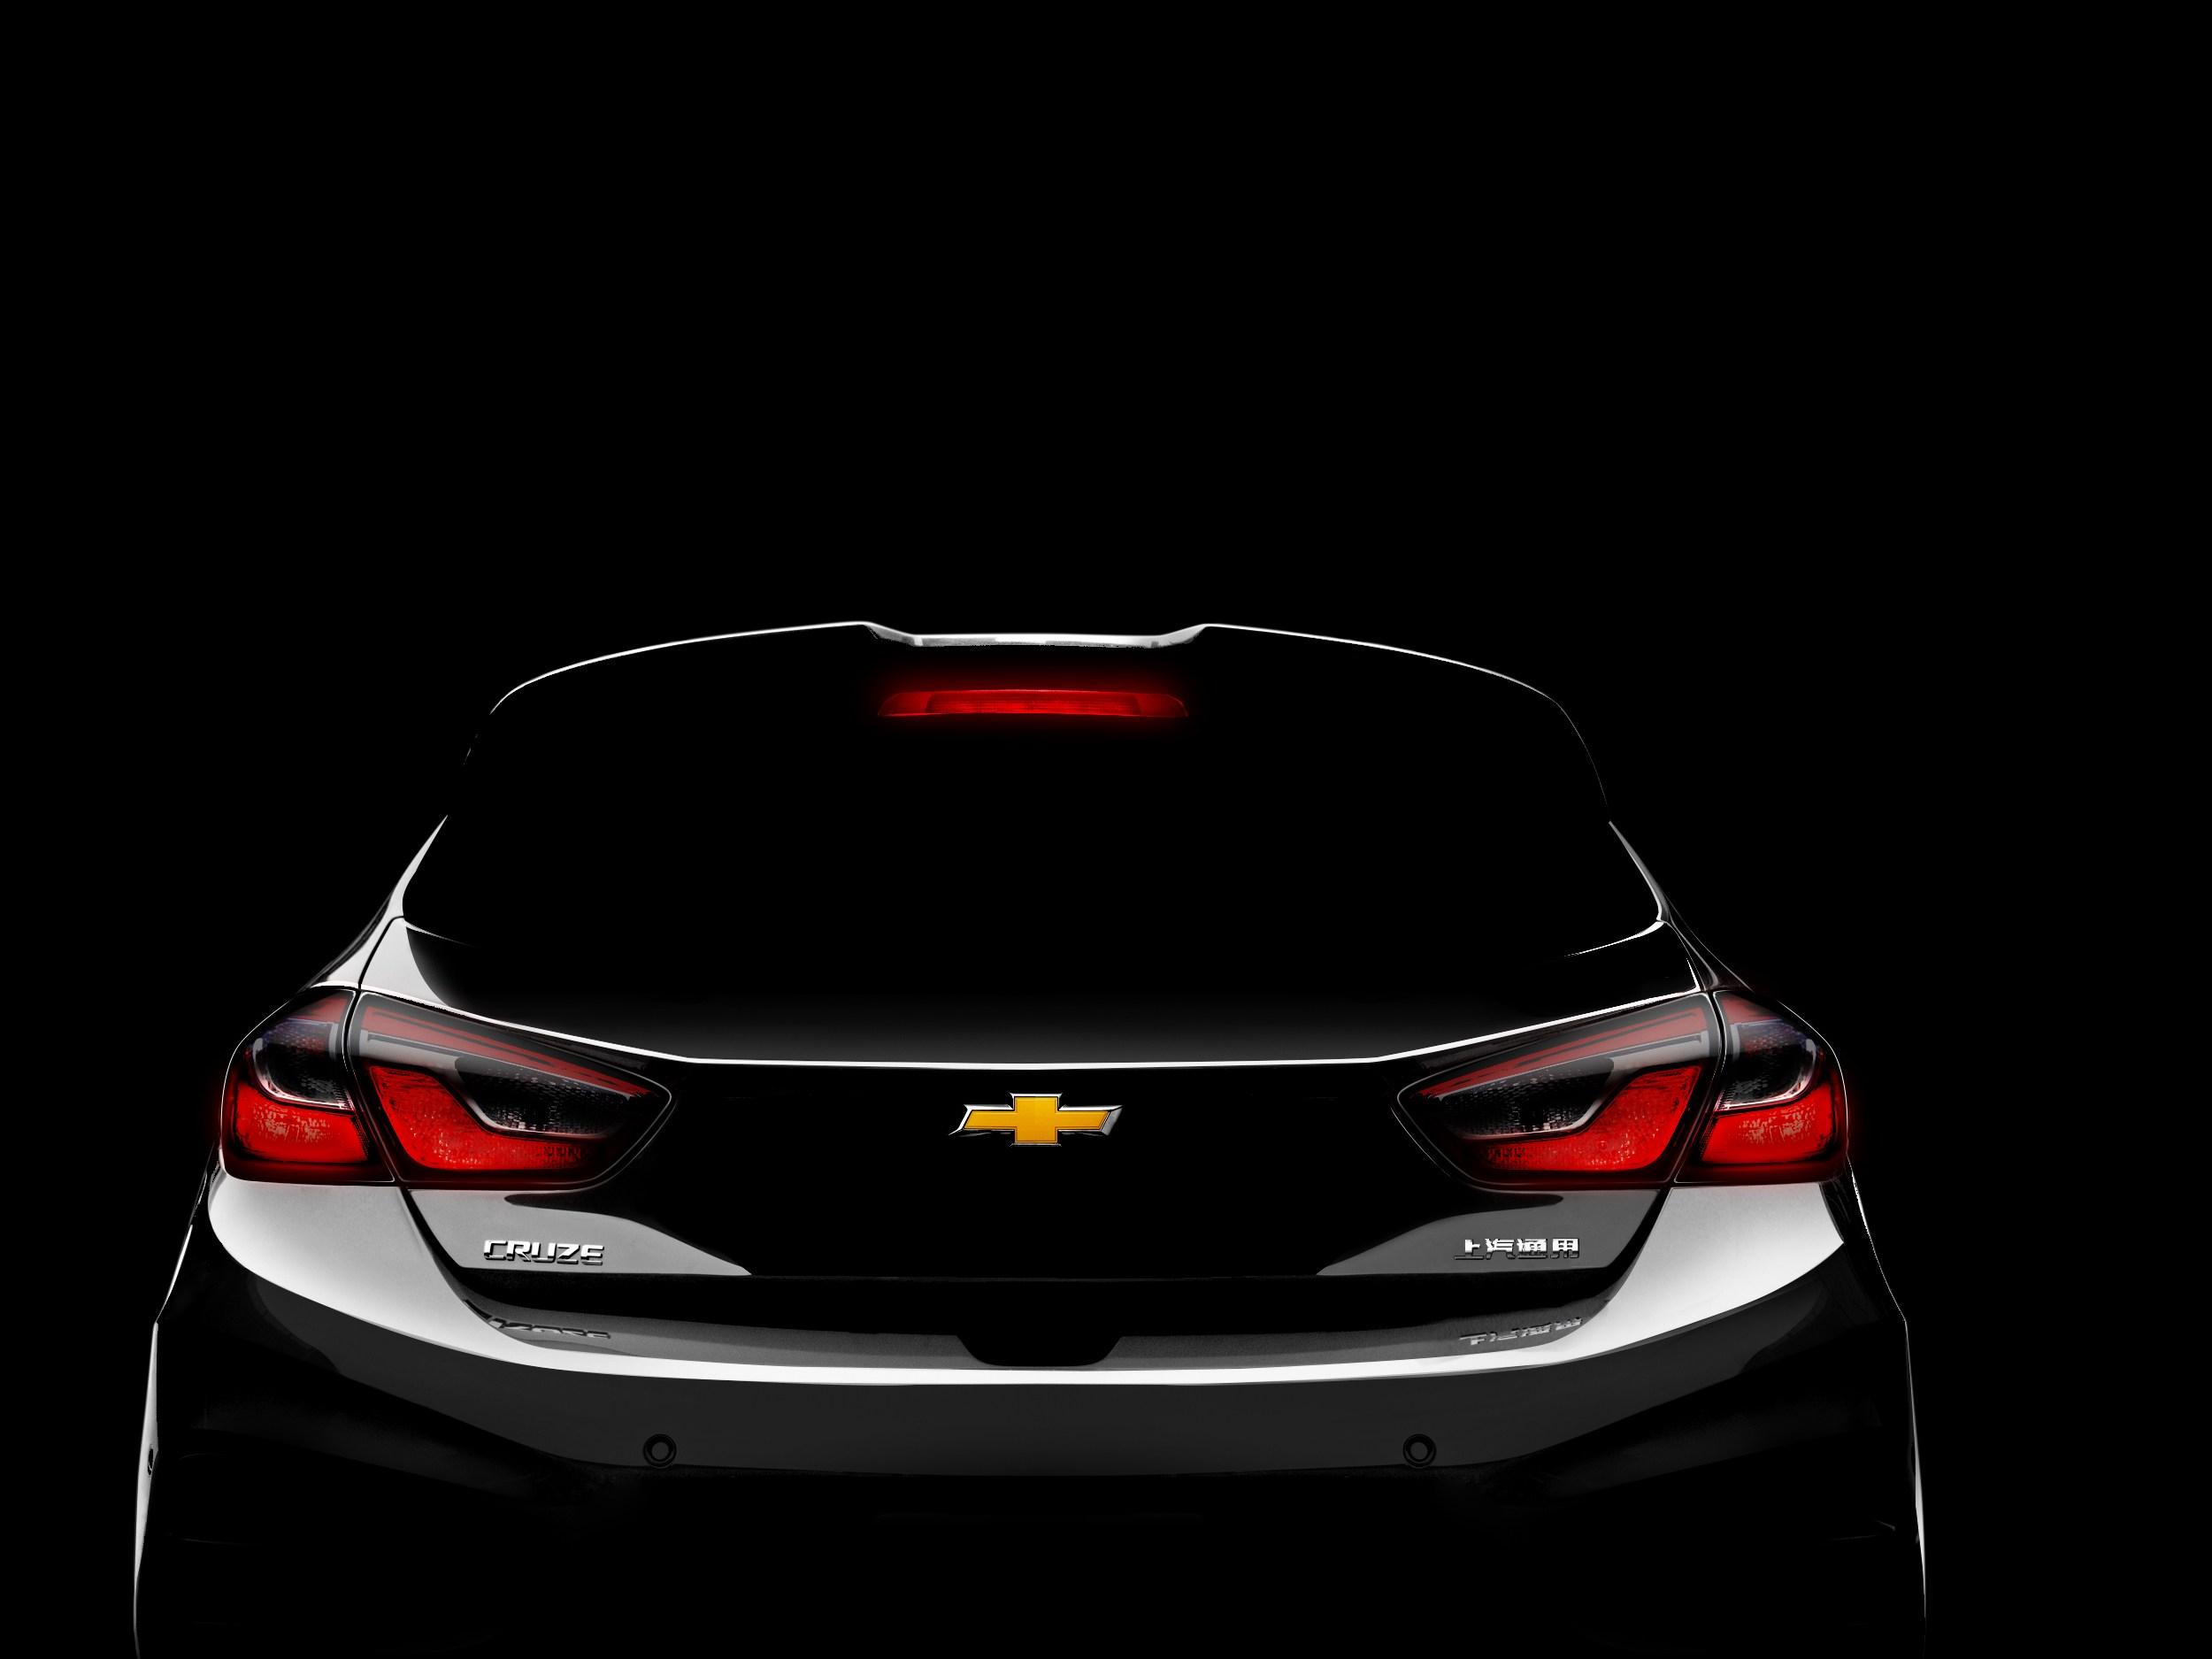 雪佛兰全新科鲁兹两厢版将于广州车展首发